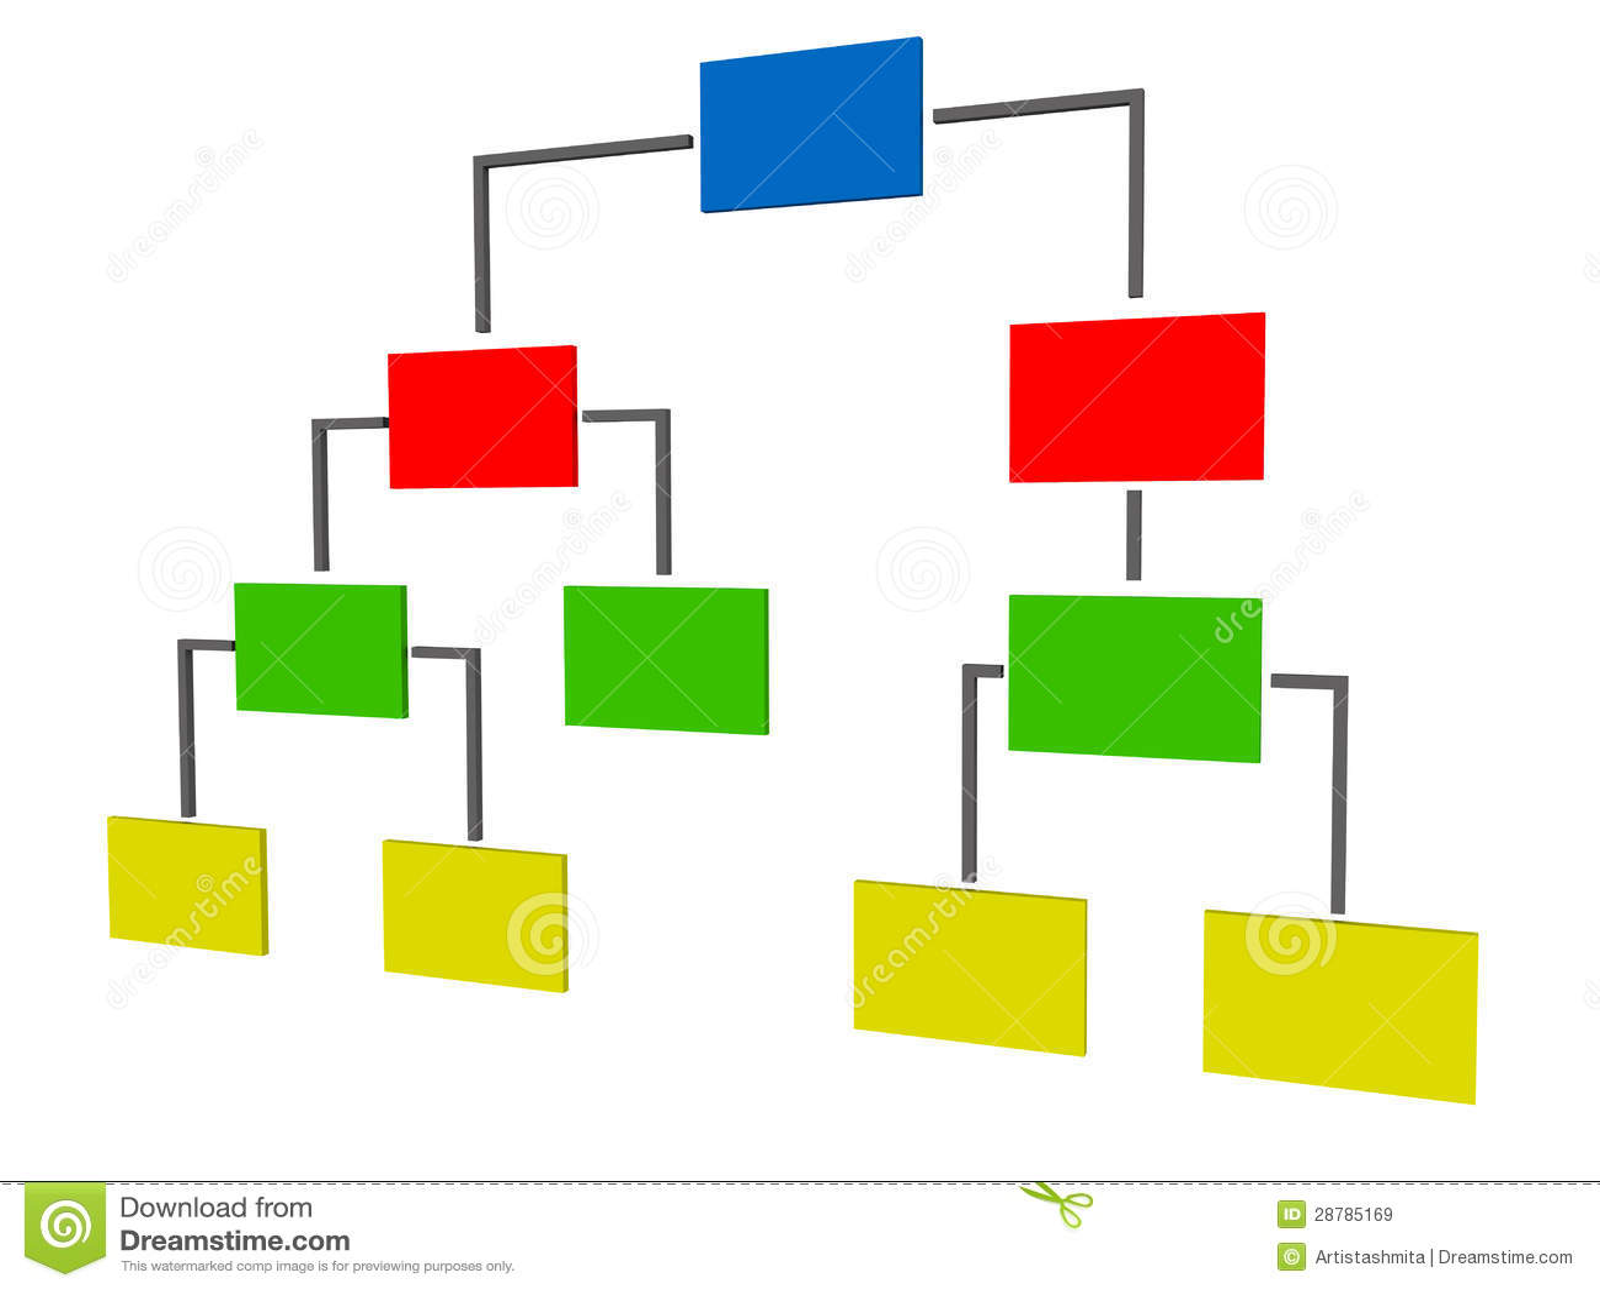 Jerarquía en color vivo